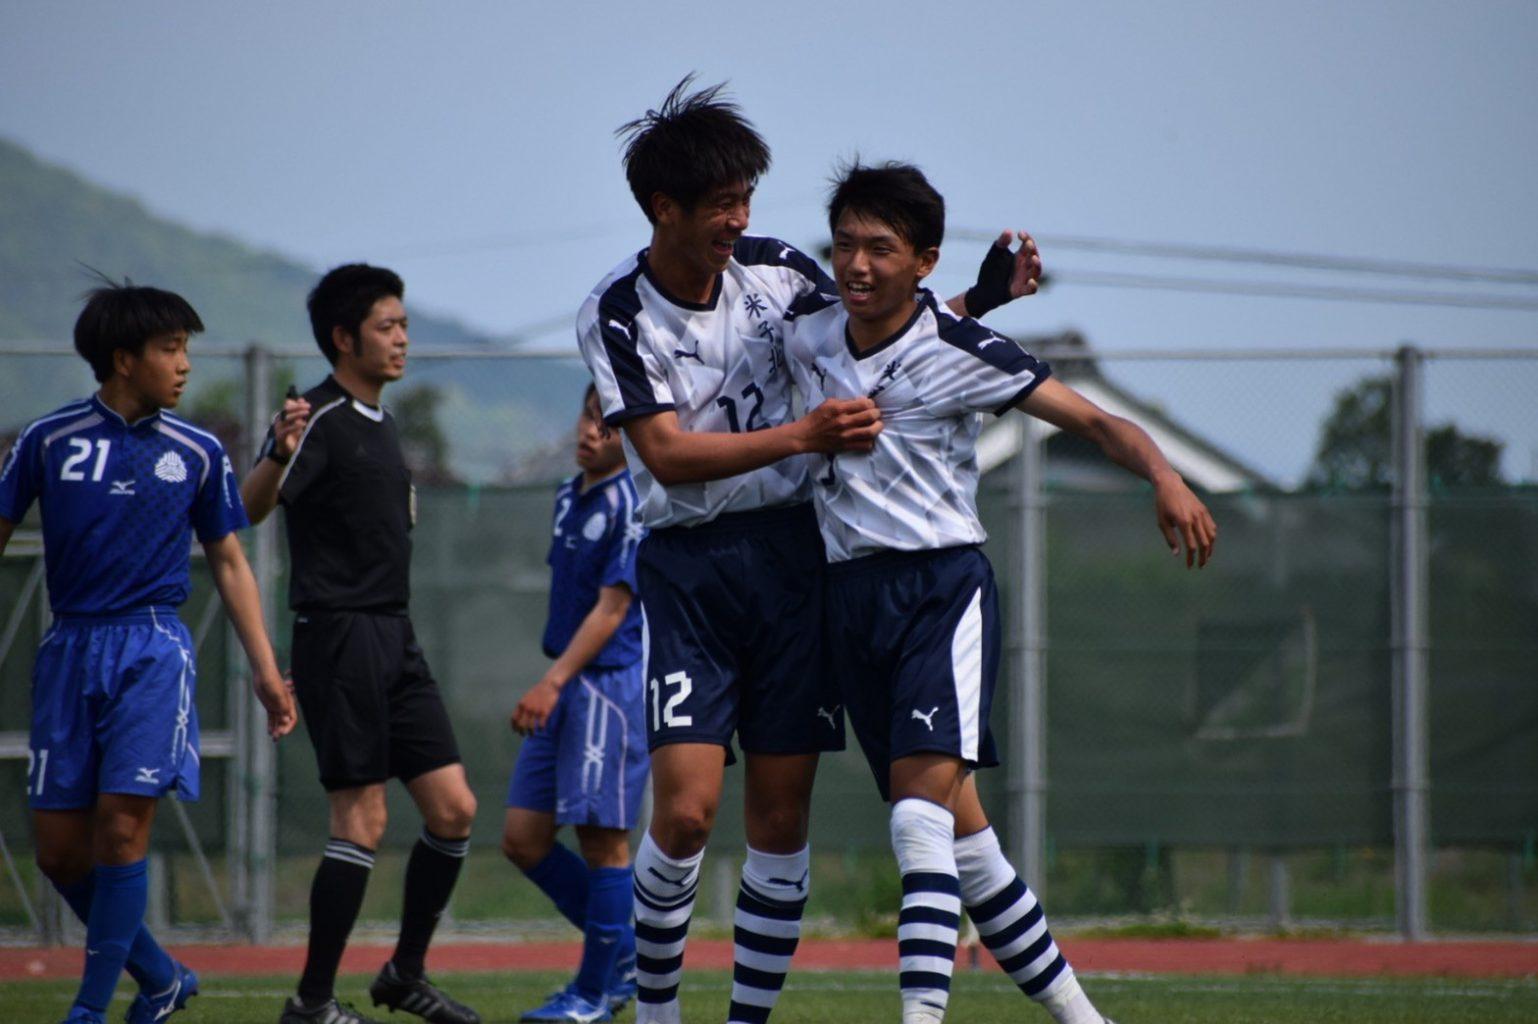 サッカー:プリンスリーグ中国 第4節 4/24 玉野光南戦 試合結果